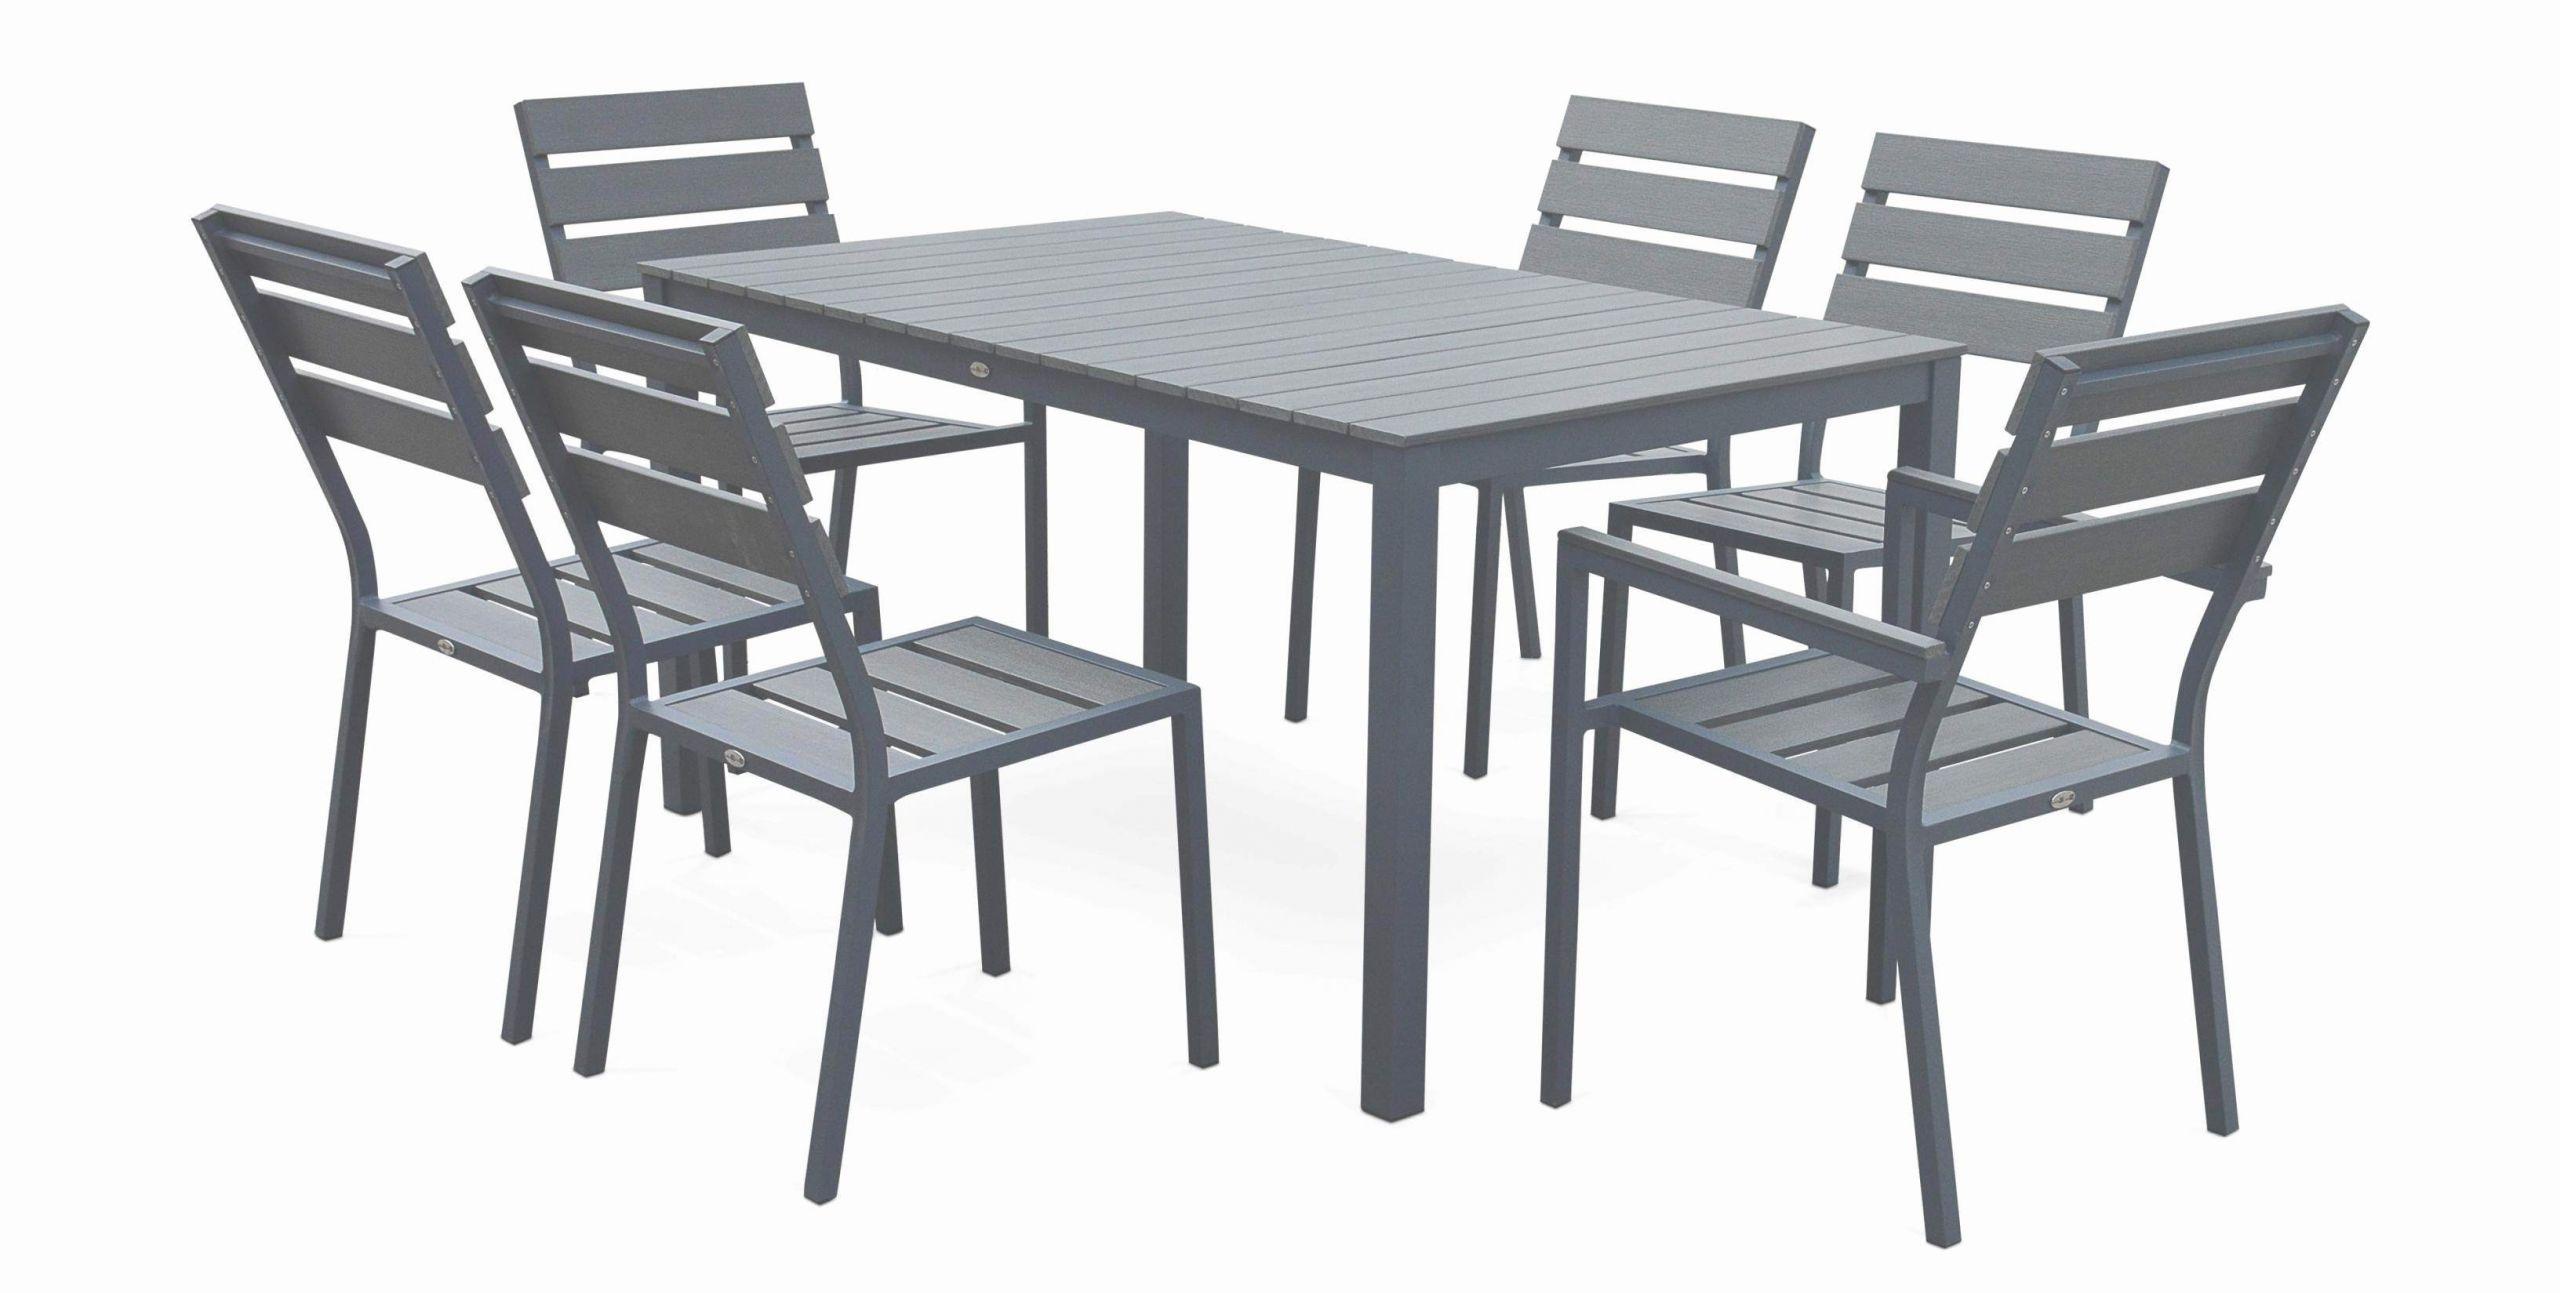 bureau leclerc meuble leclerc meuble lesparre bureau leclerc meuble chaise salon de jardin of bureau leclerc meuble